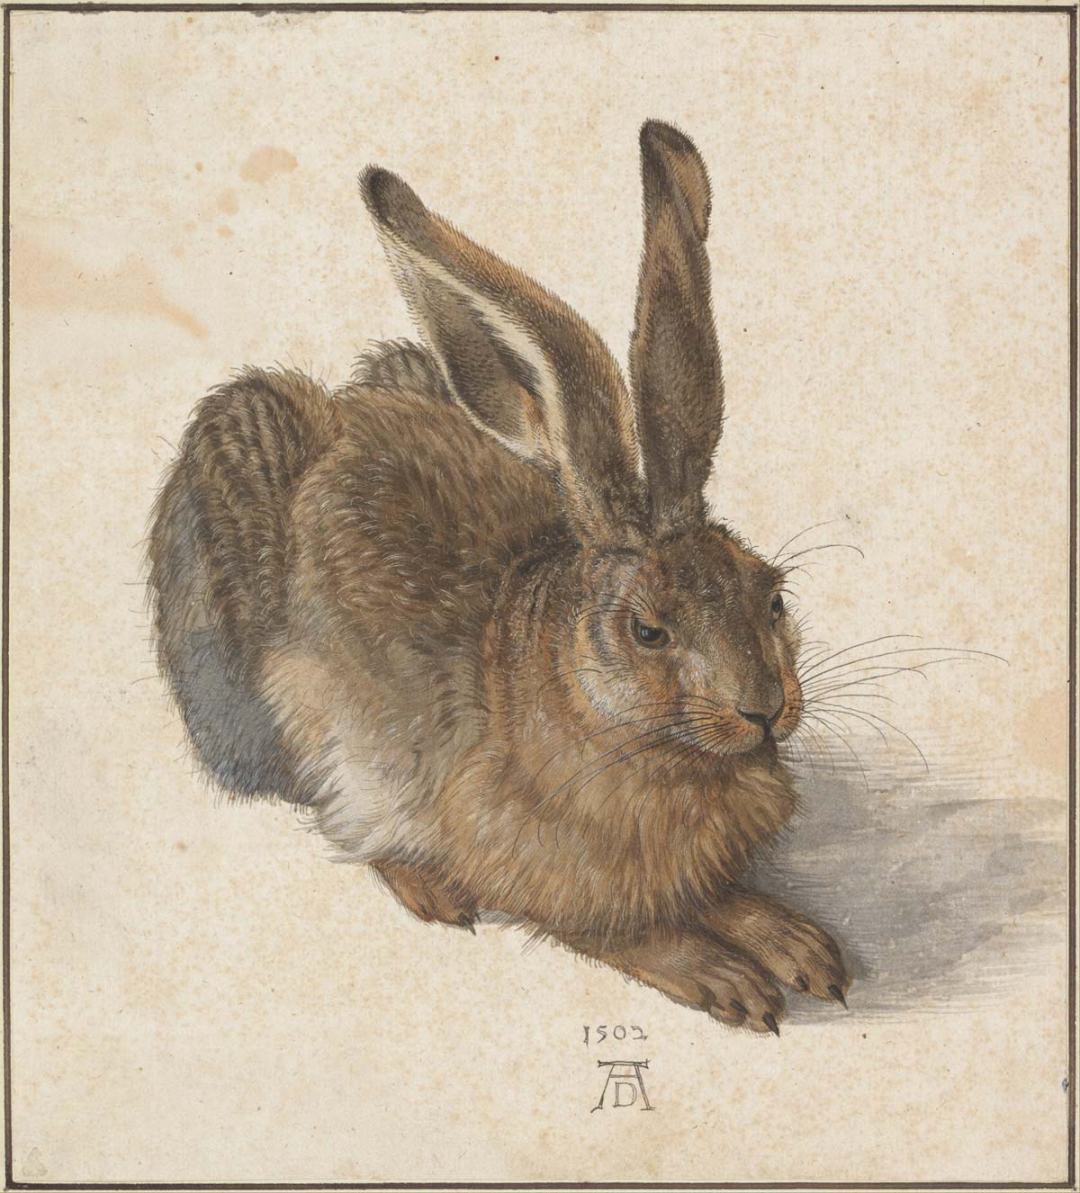 Dürer - Hare